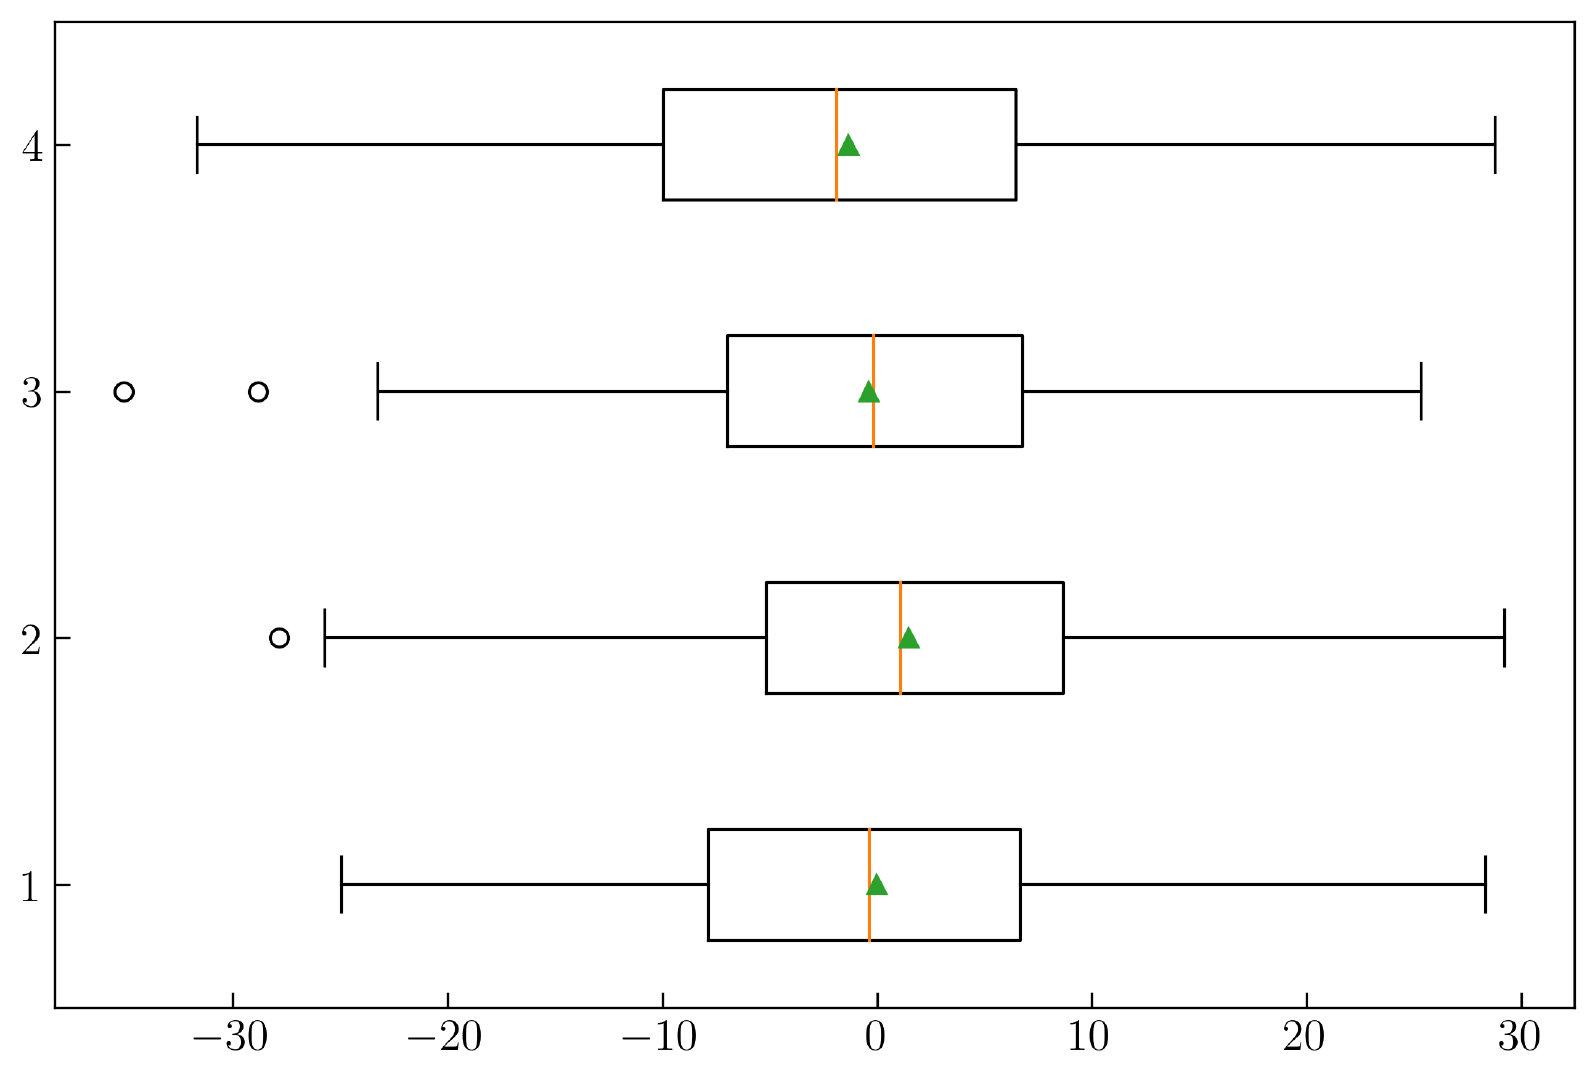 图7-2. 水平箱形图中显示均值